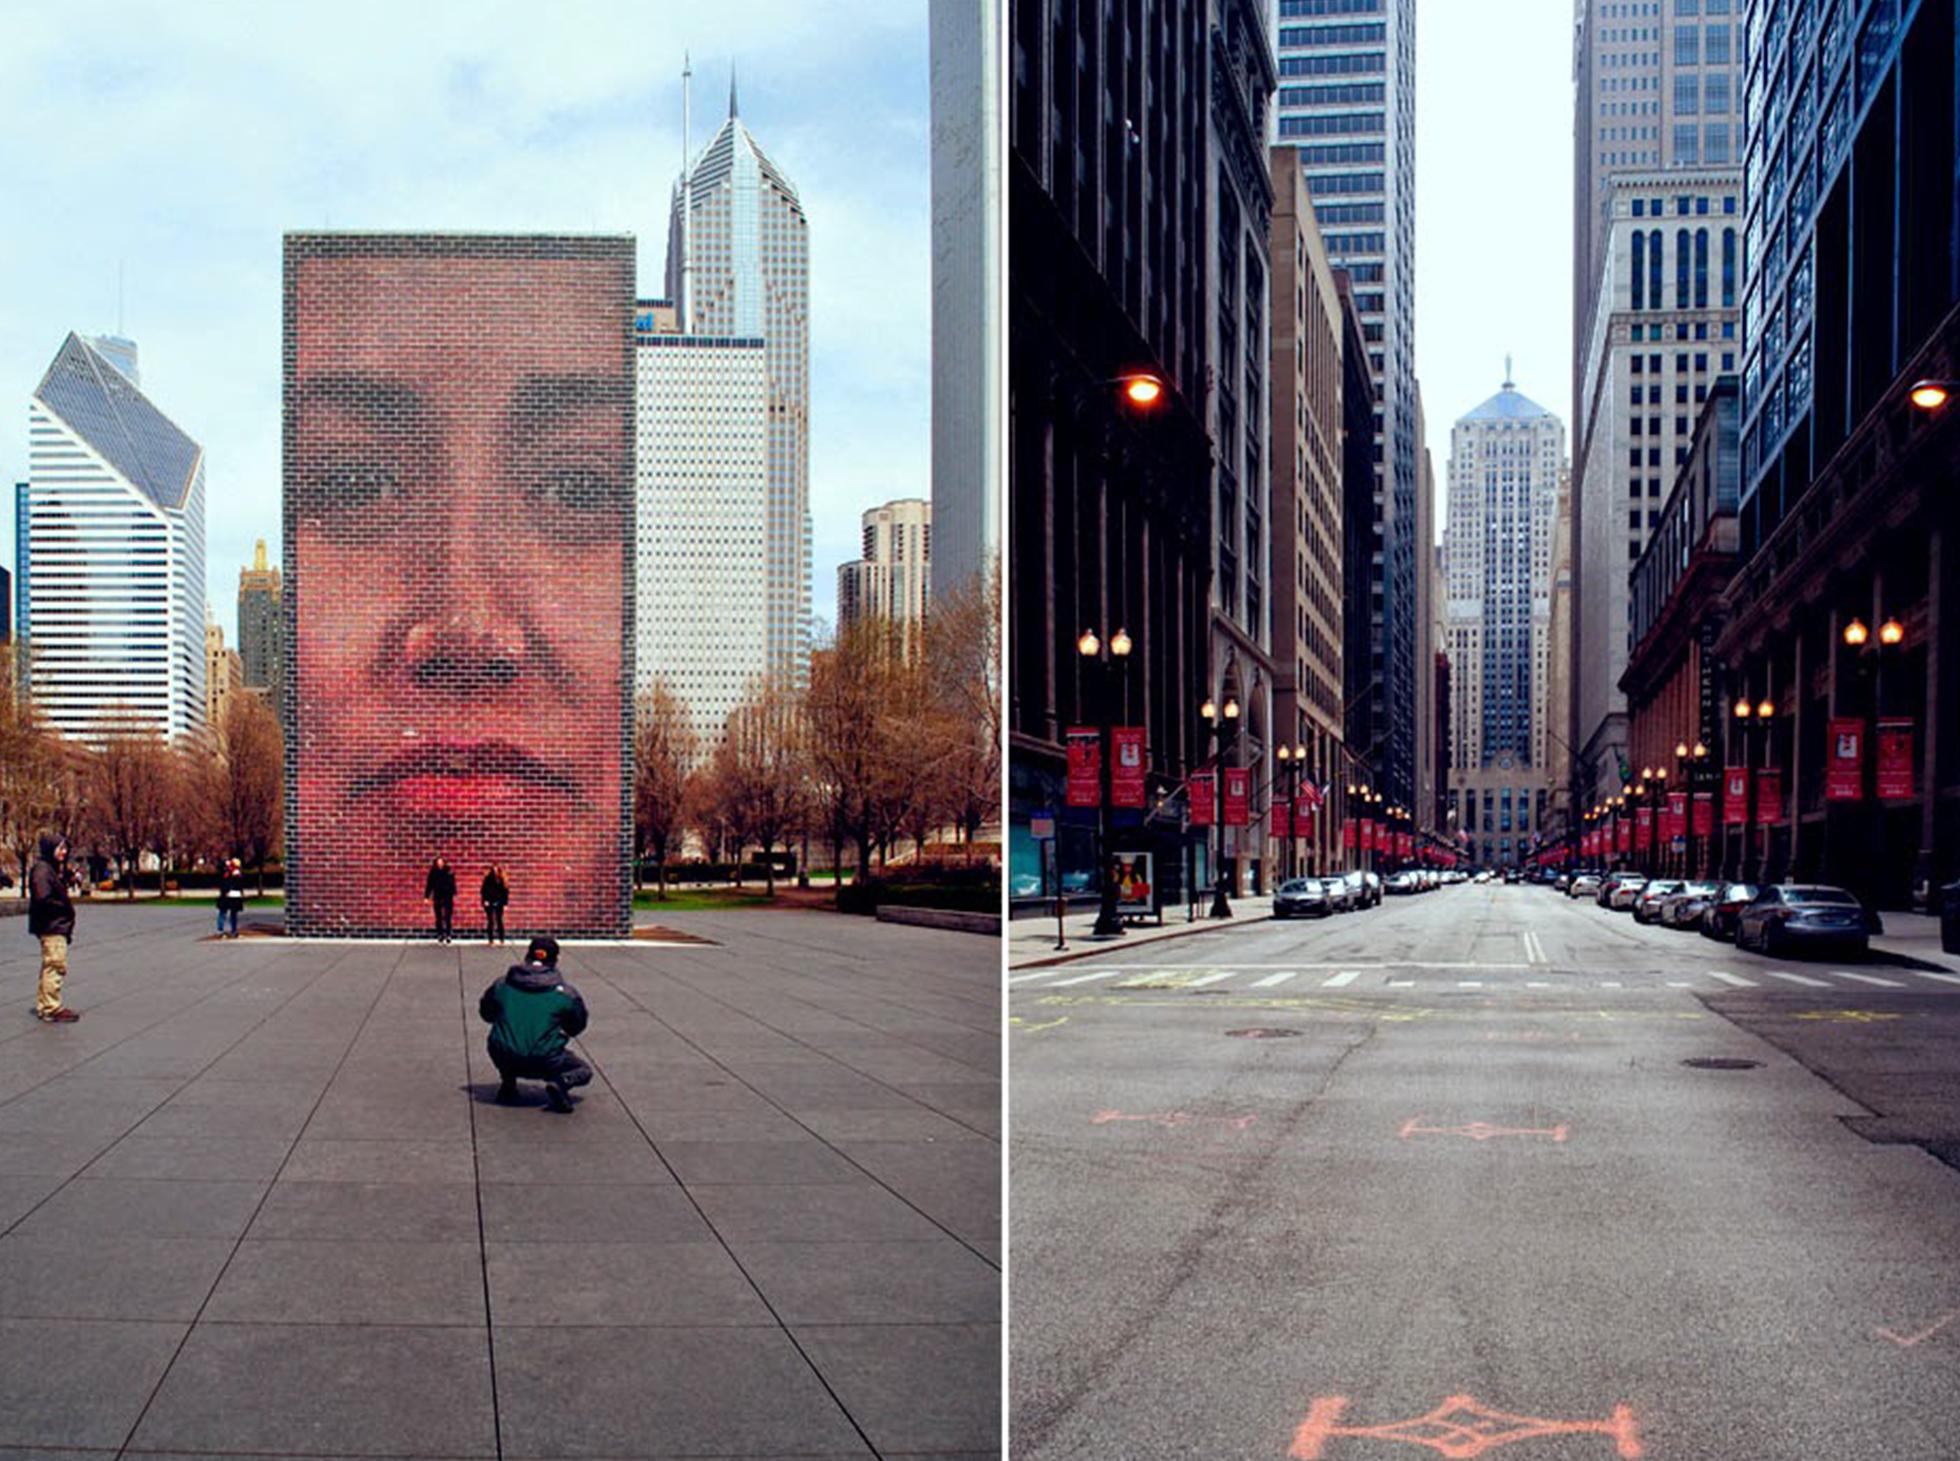 Chicago ulice, drapacze chmur